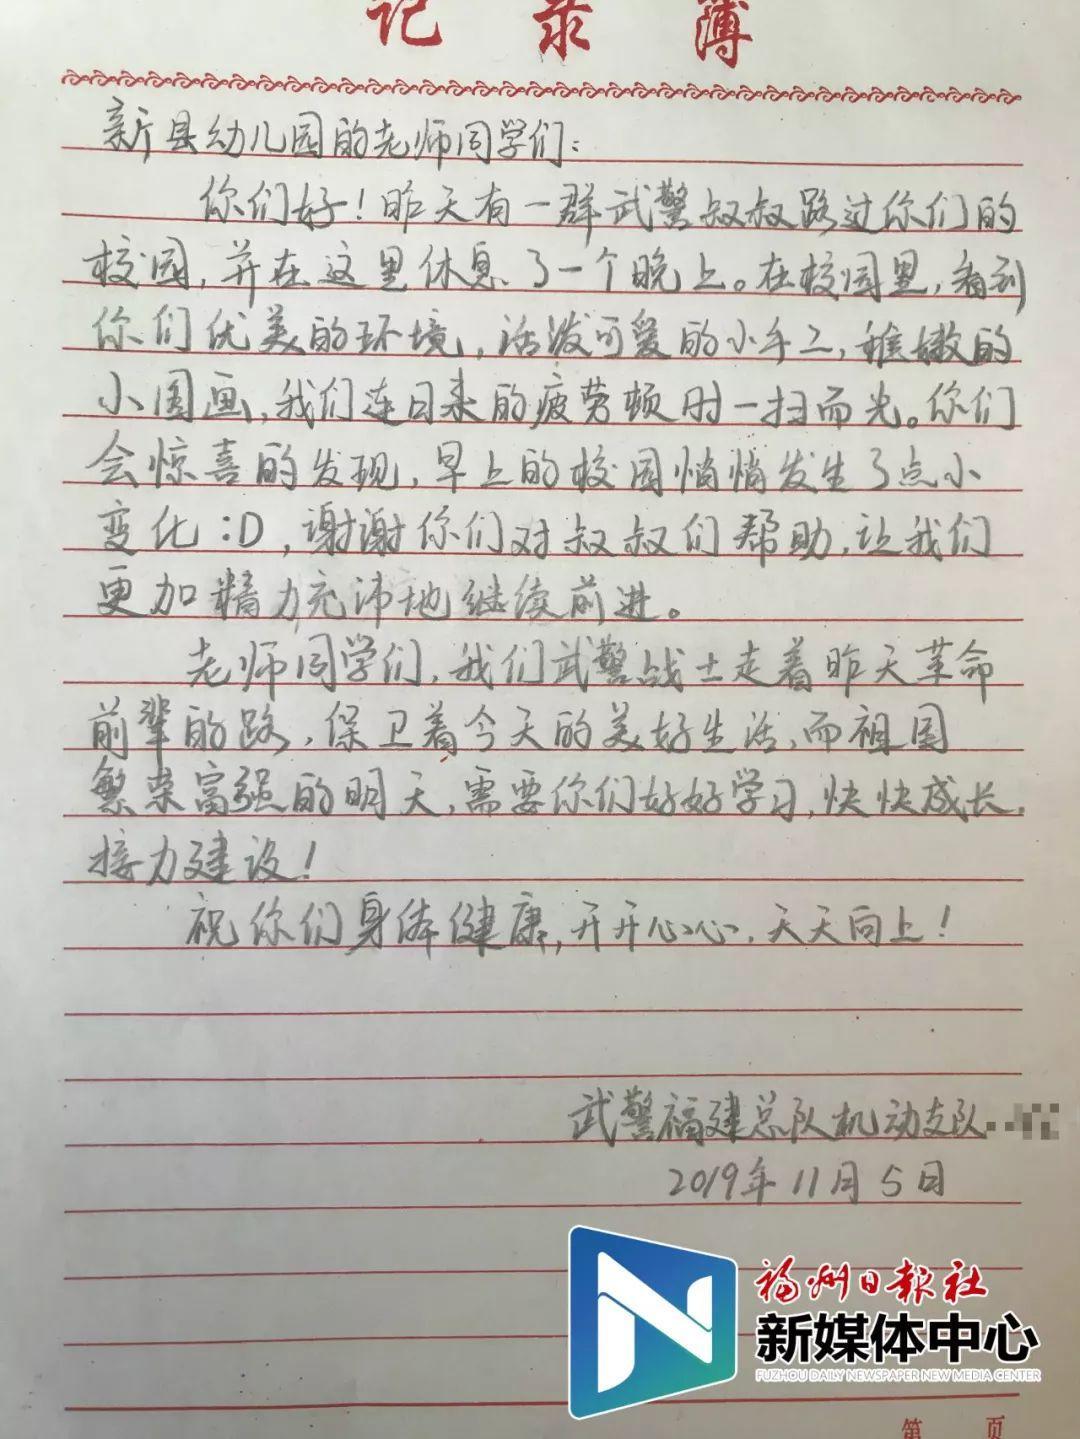 http://www.byrental.cn/shehui/172399.html